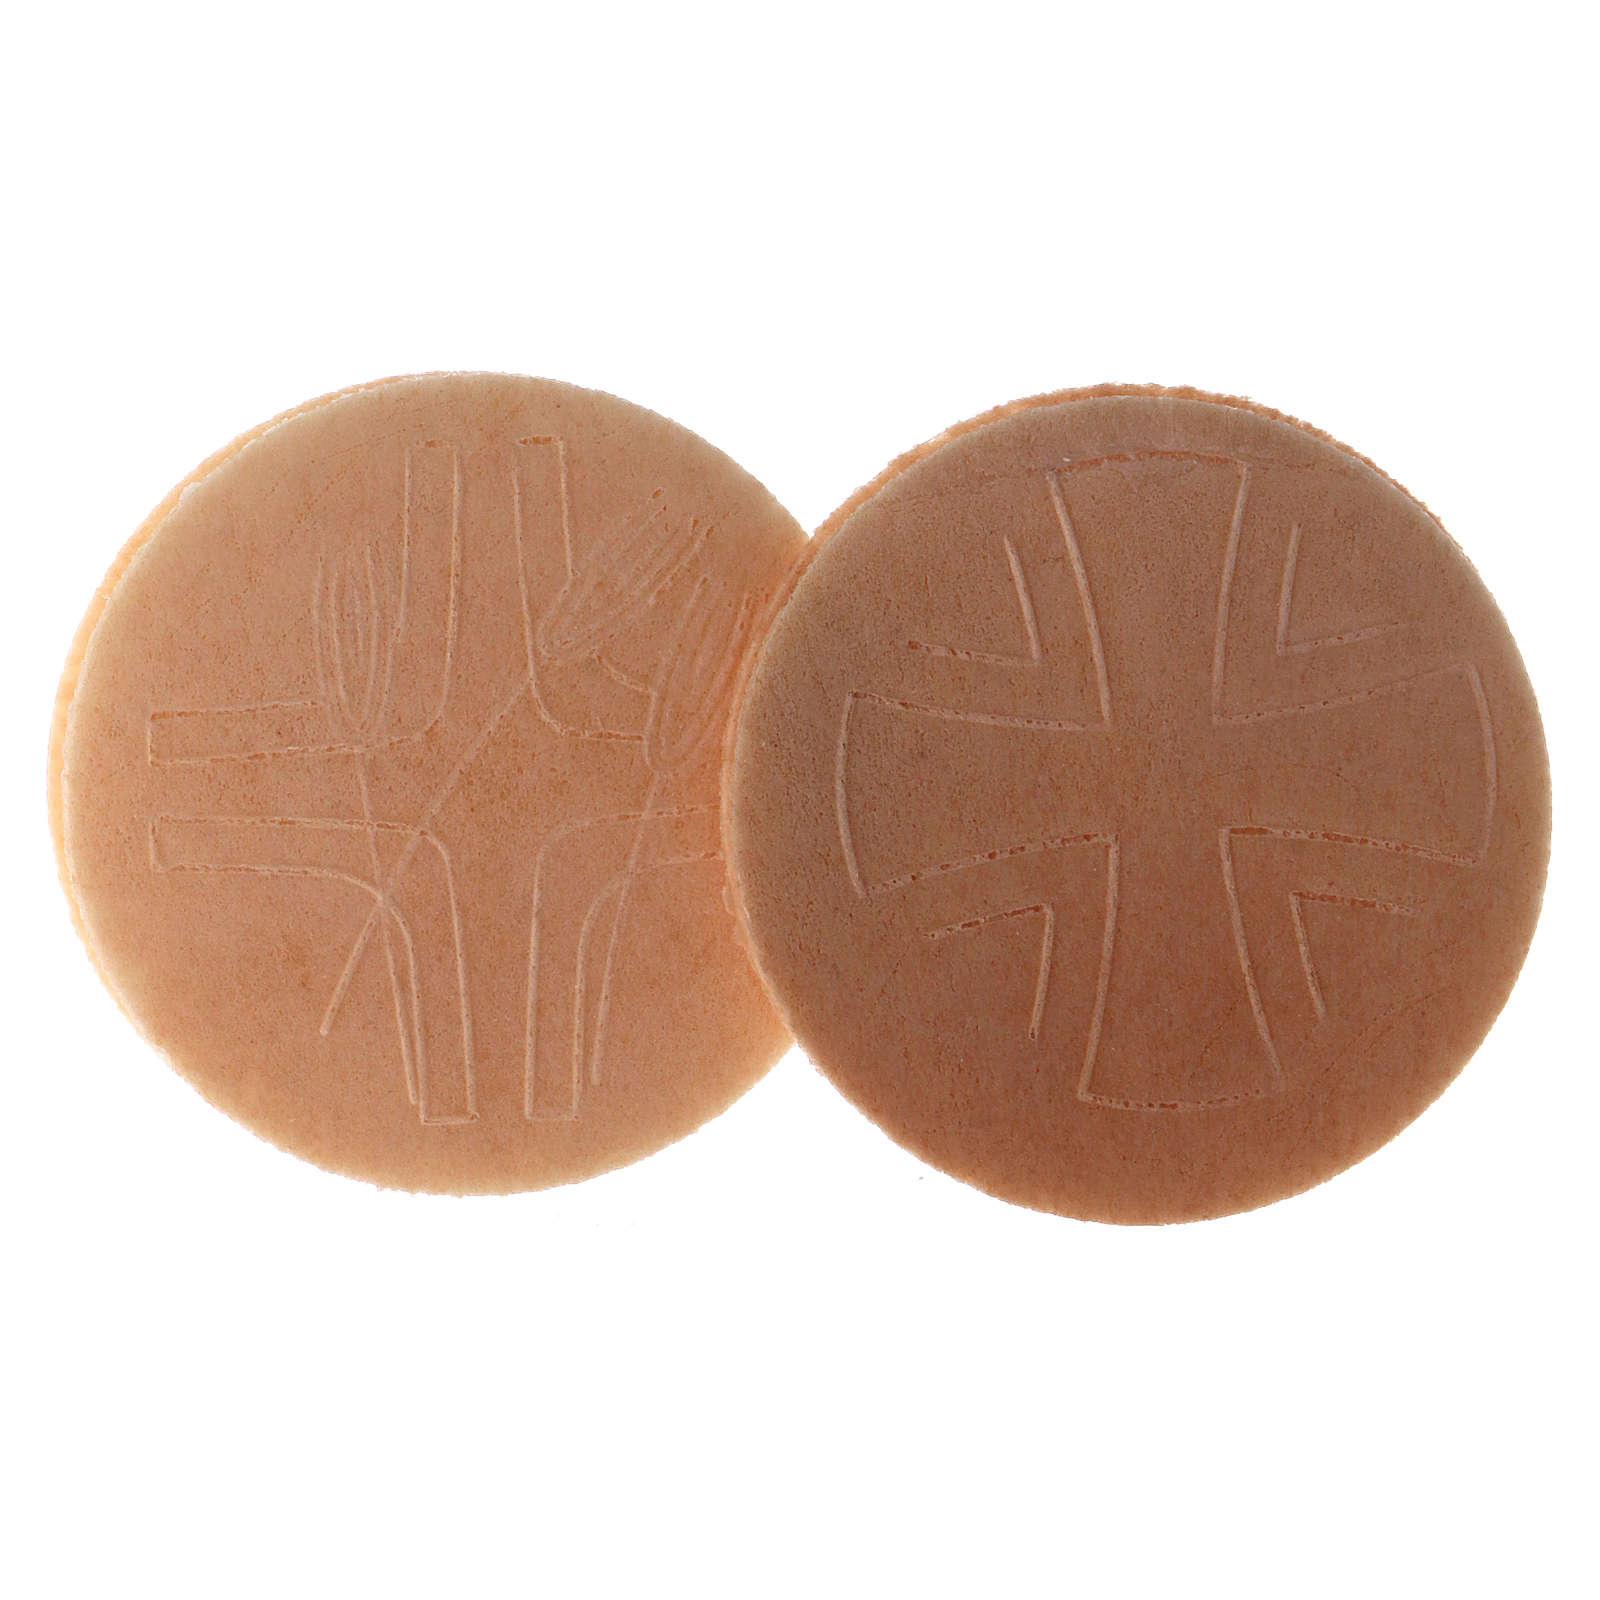 Brothostien (Magna) für Konzelebration 15 Stück mit einem Durchmesser von 7,5 cm 3